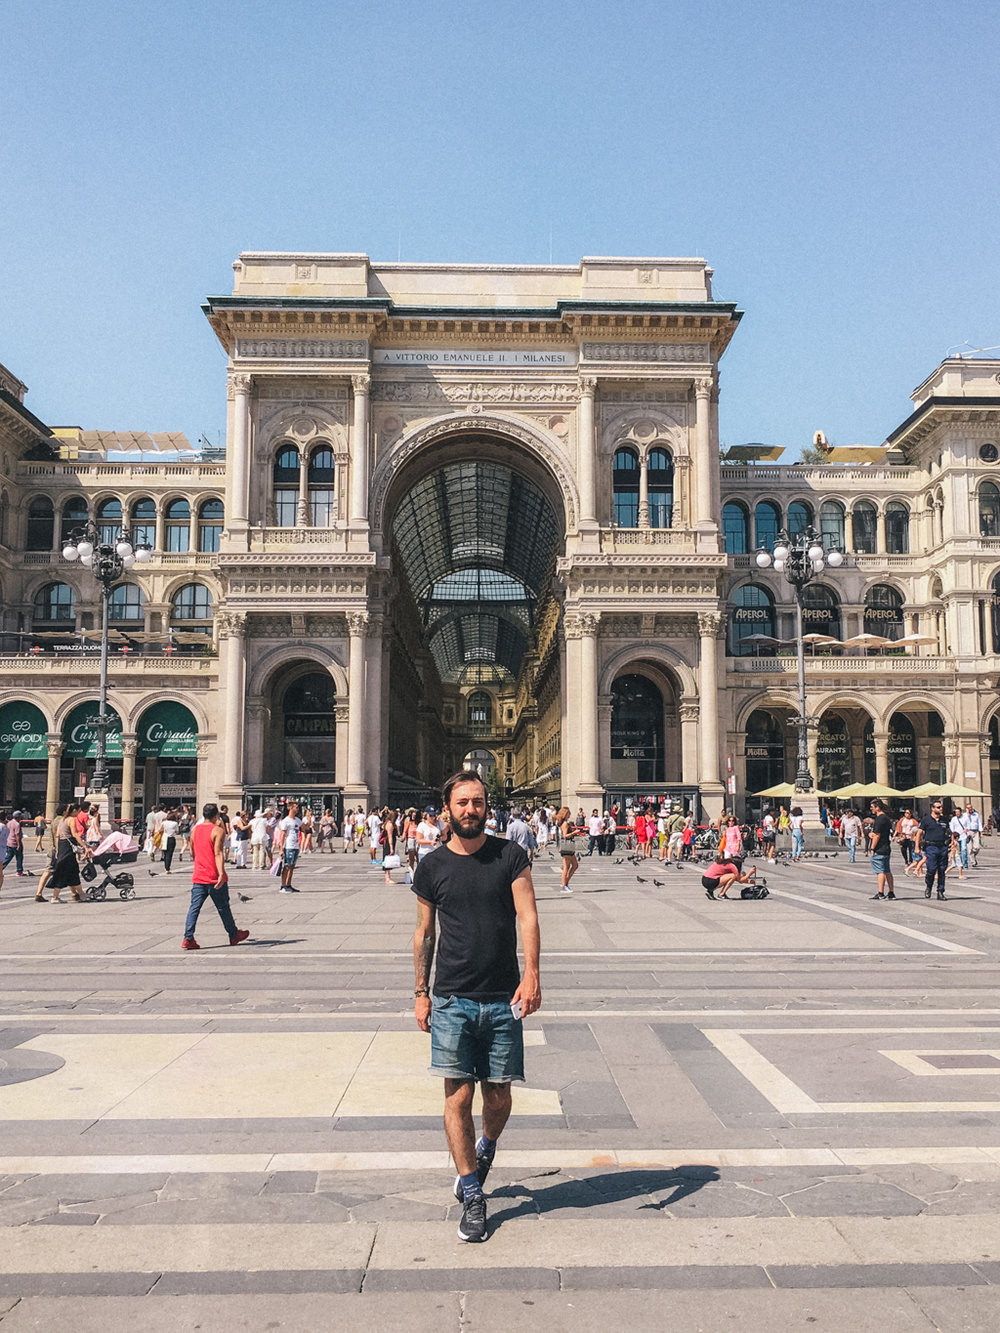 Em frente a Galeria Vittorio Emanuele,Milão, Itália - iPhone 6s